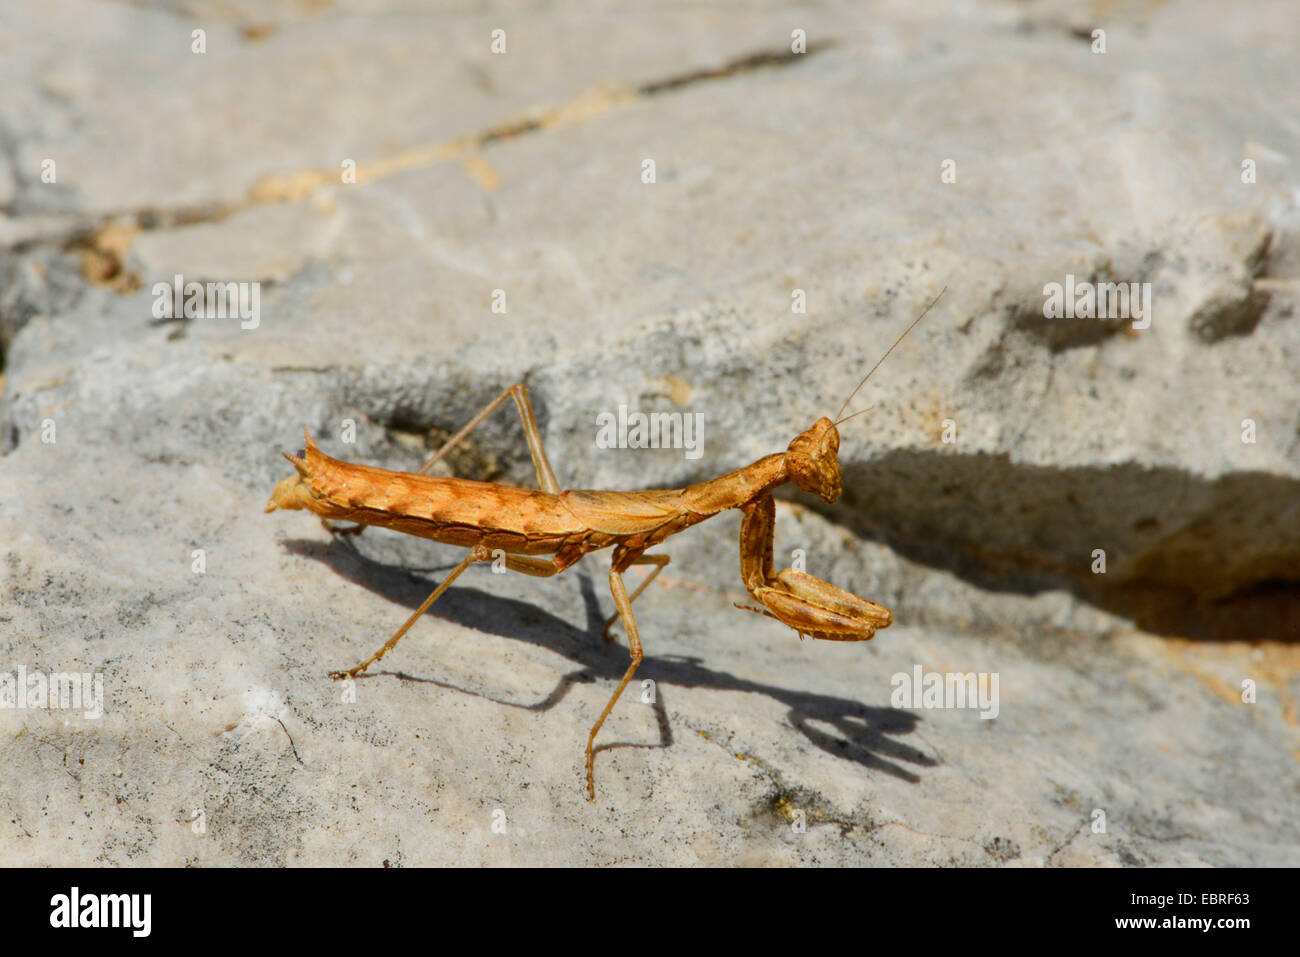 Gottesanbeterinnen (Mantodea, Mantoptera), lauernden Nymphe der ein betender Mantis, Lykien, Dalyan, Mugla, Türkei Stockbild